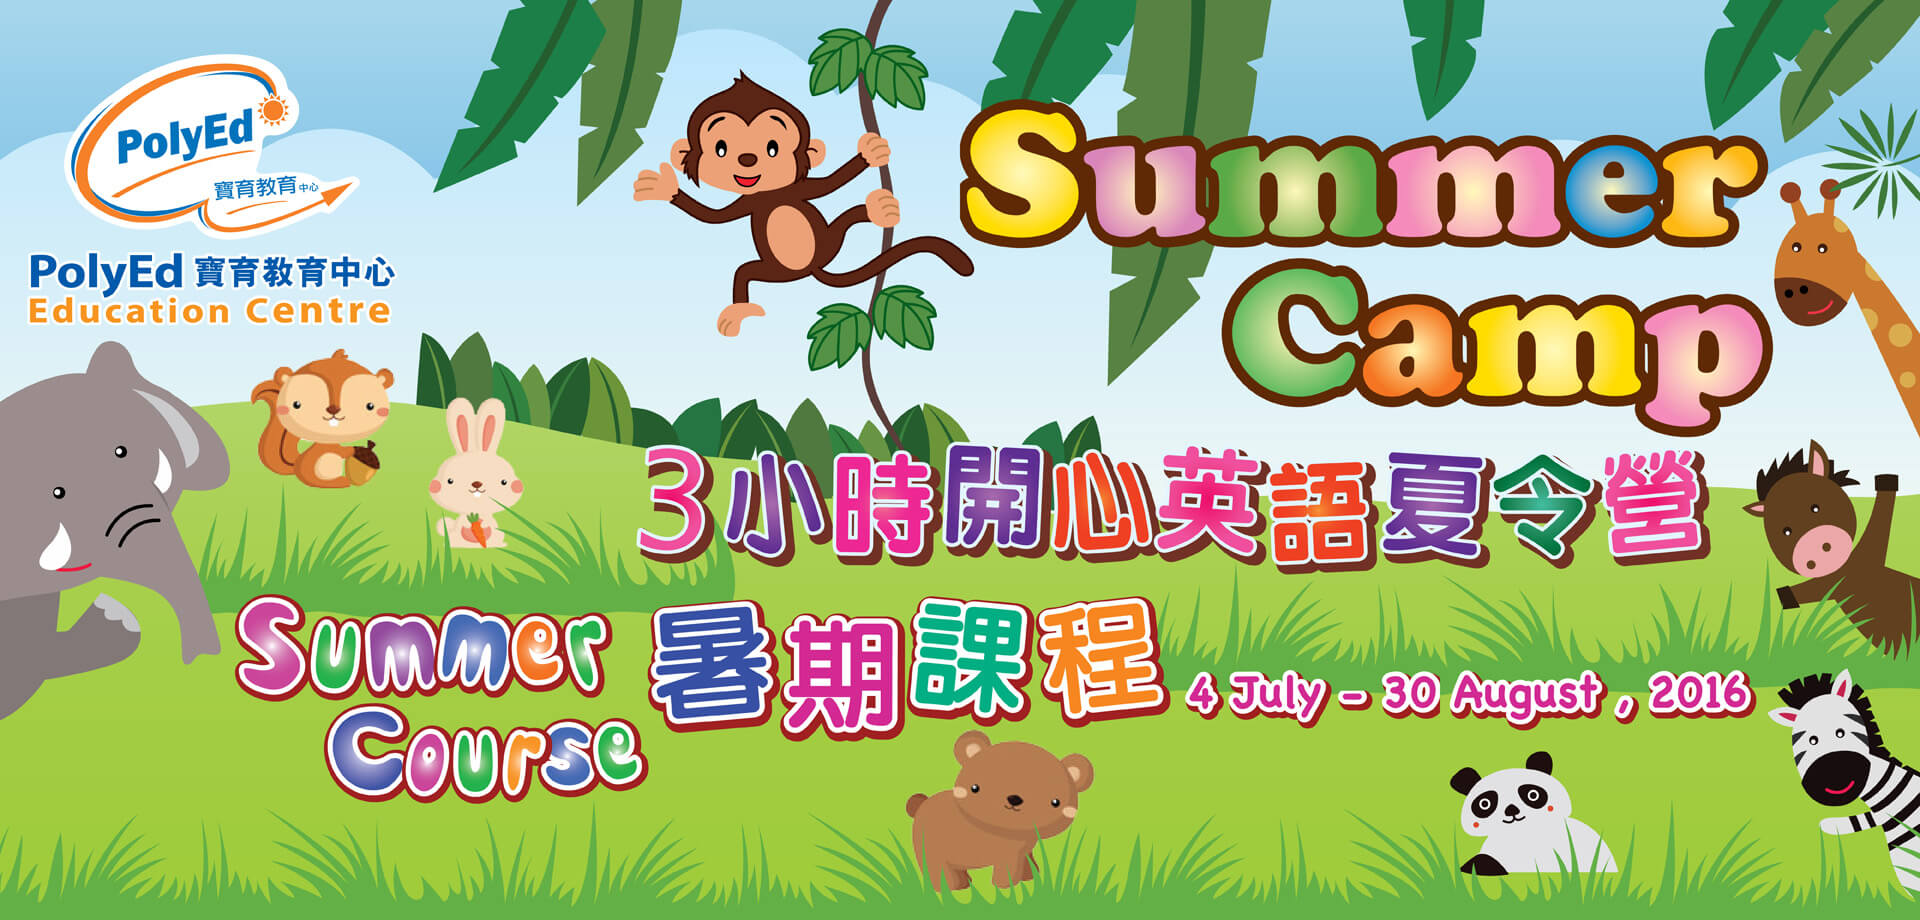 web-banner_summer-2016-1